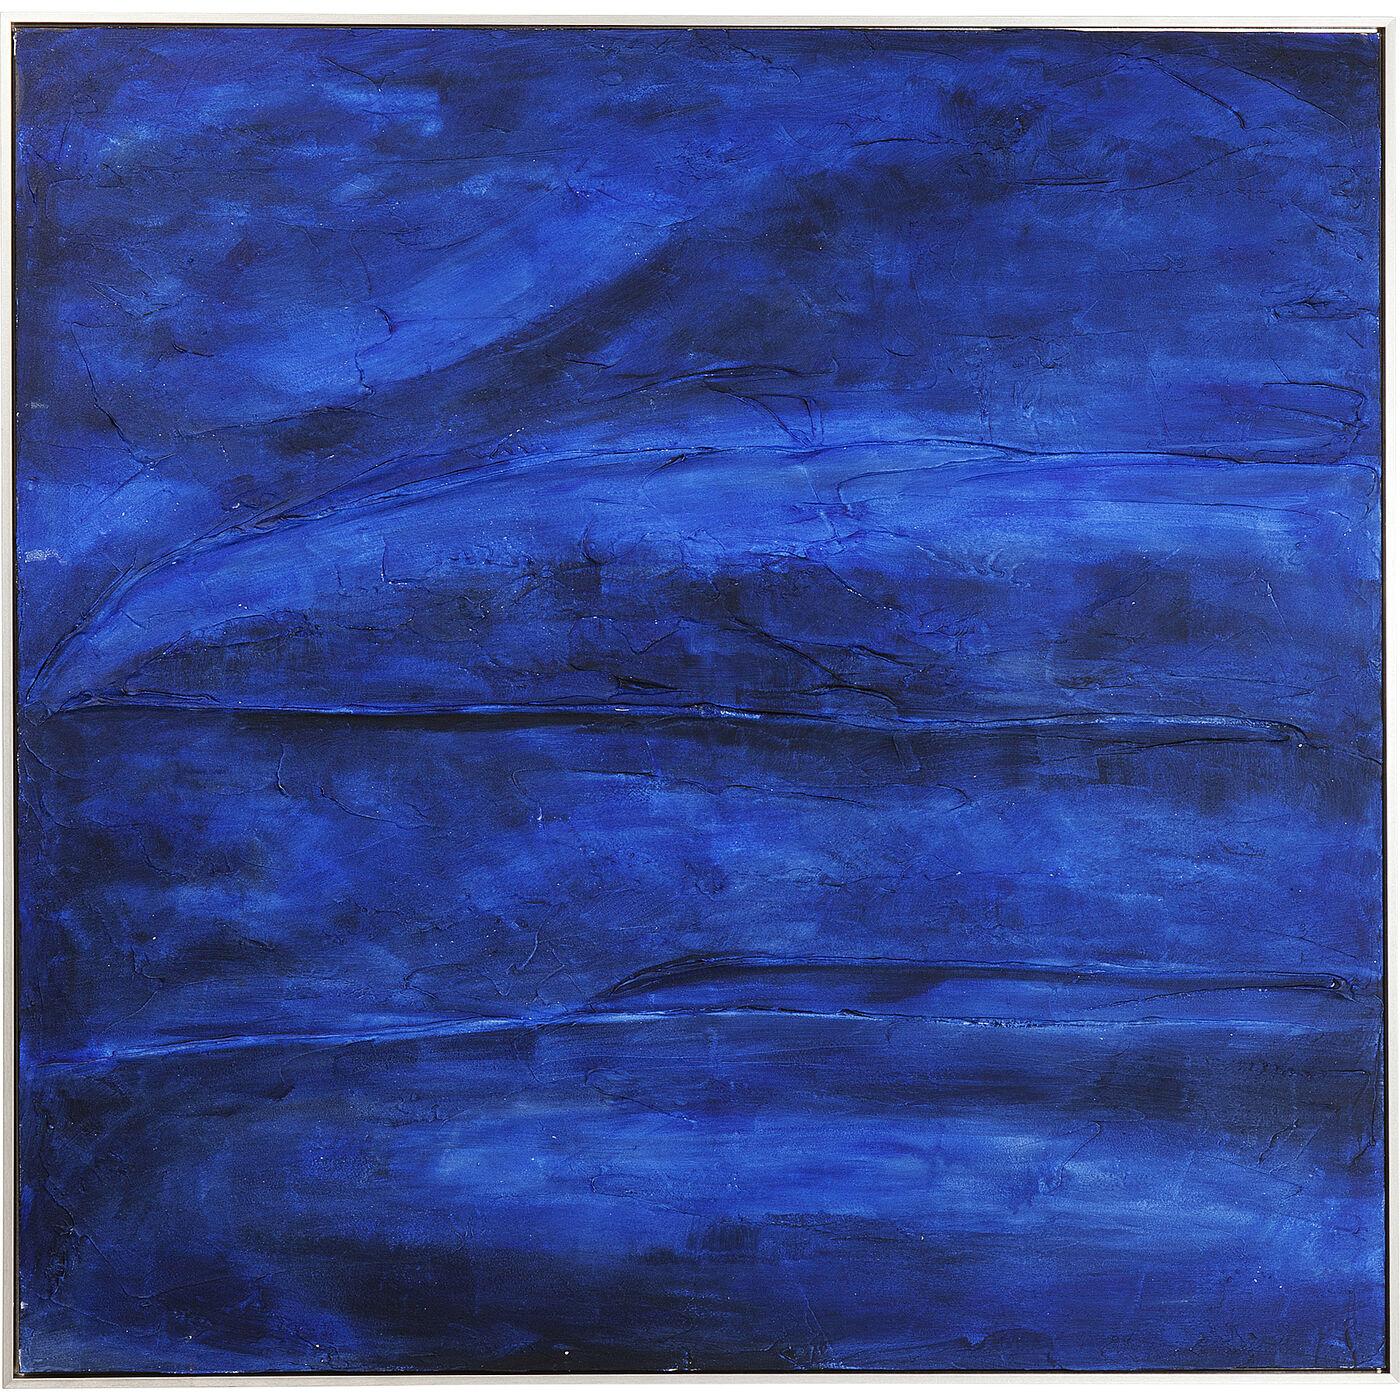 Acrylbild Abstract Deep Blau 155x155cm